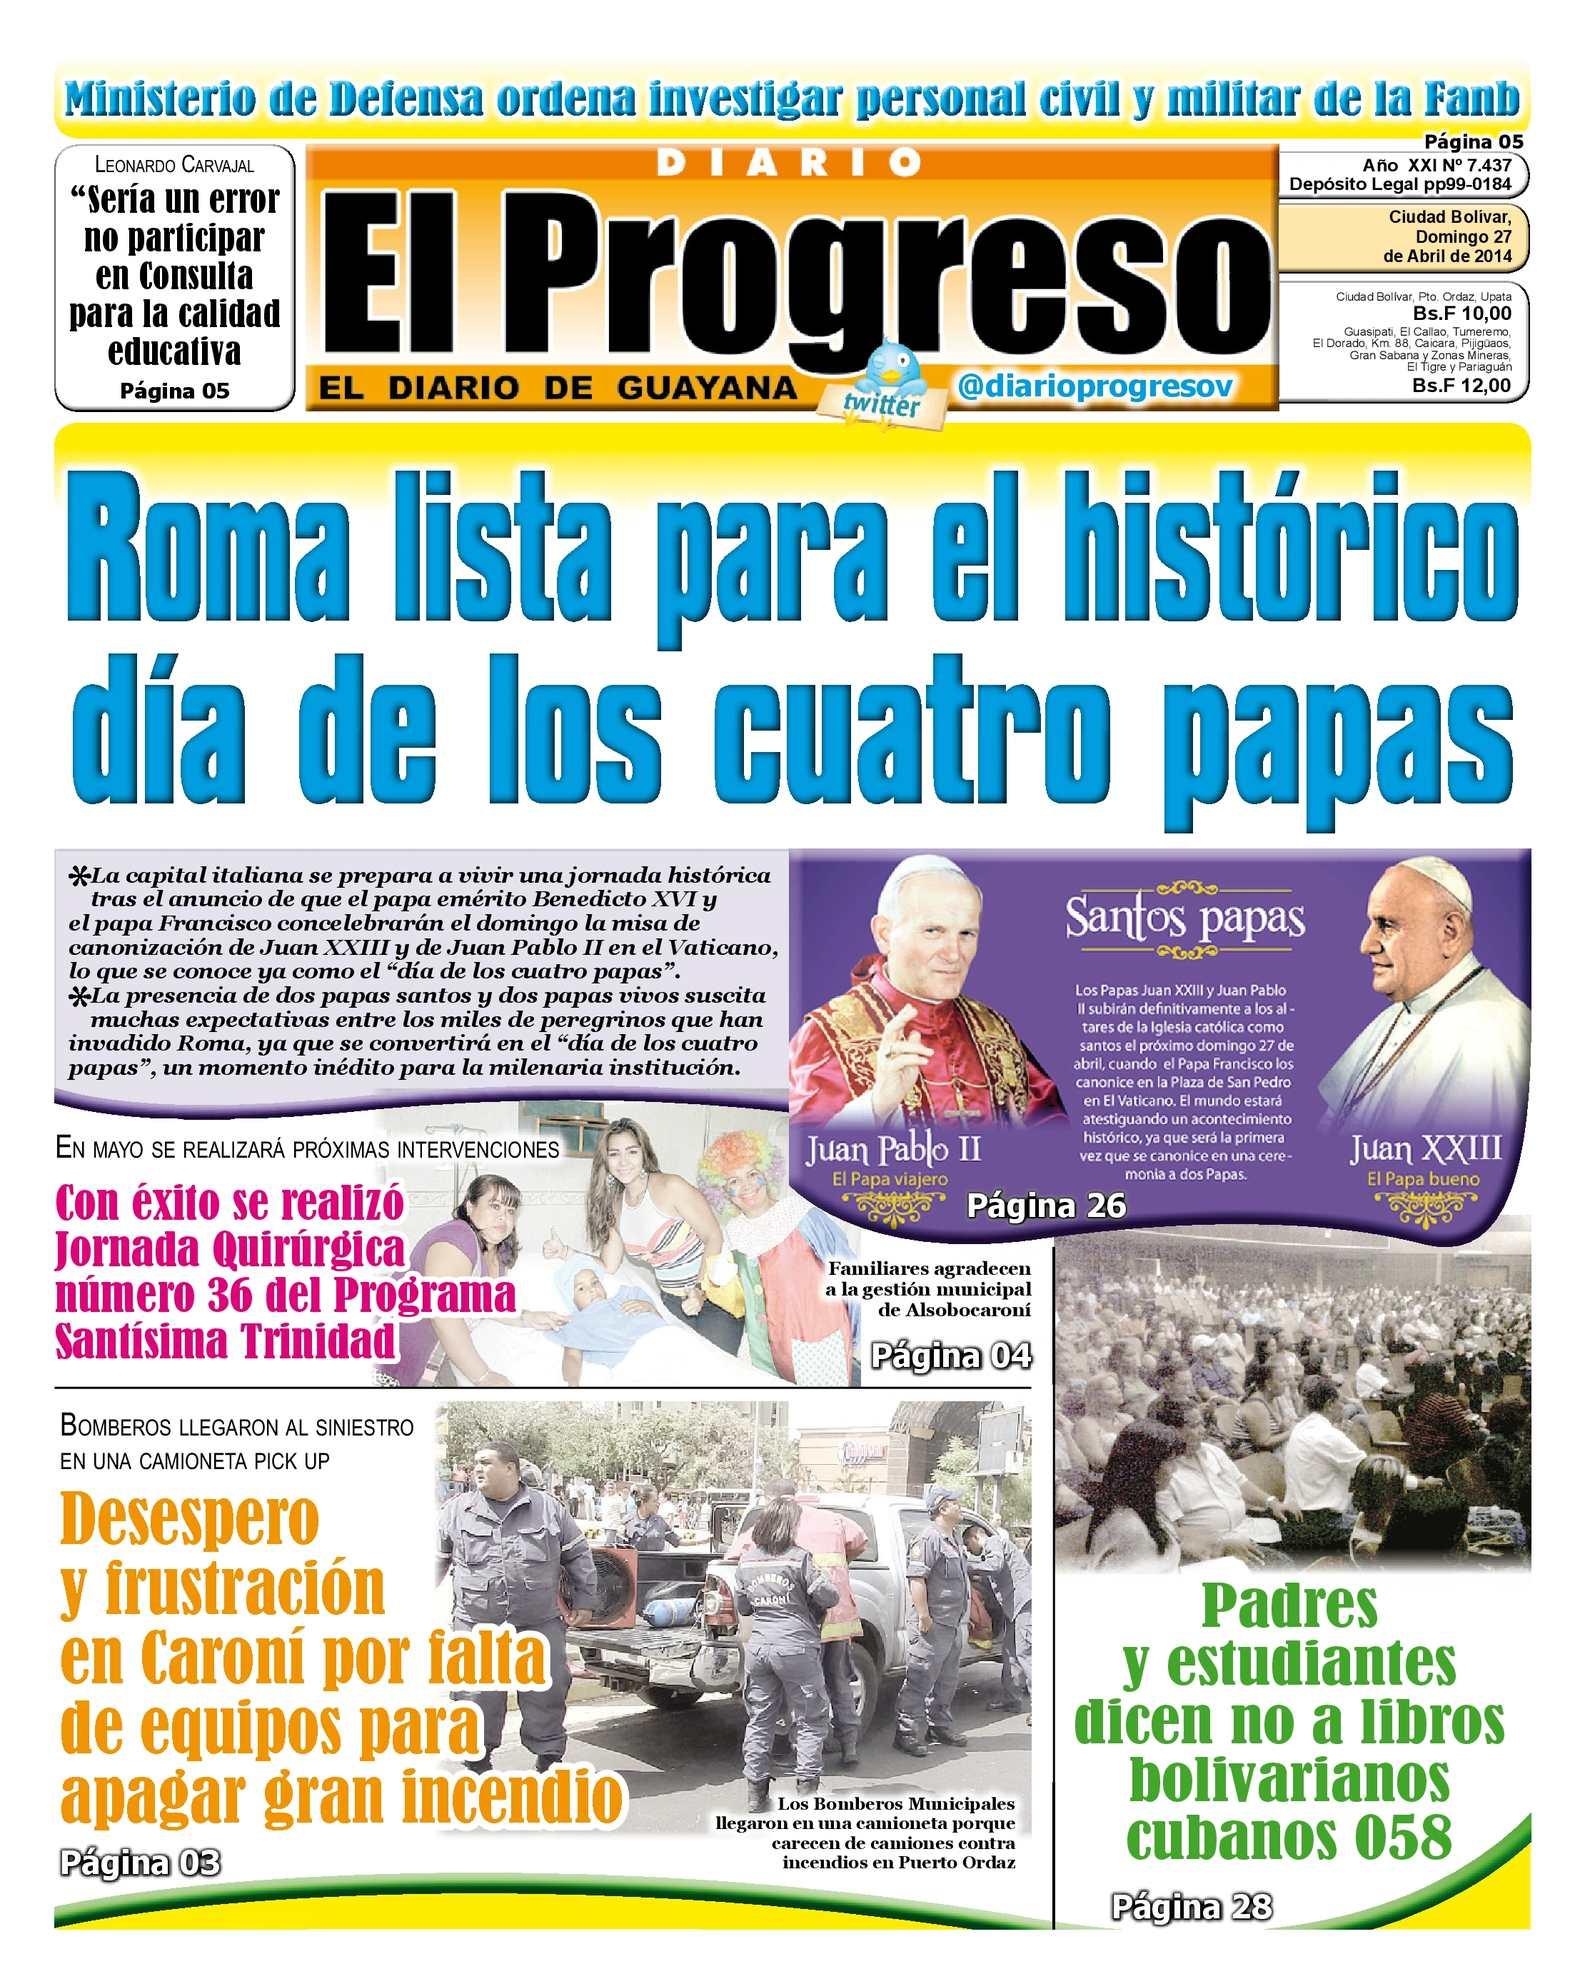 HOMBRE BUSCANDO MUJERES EN PARAGUAY BARRANQUILLA